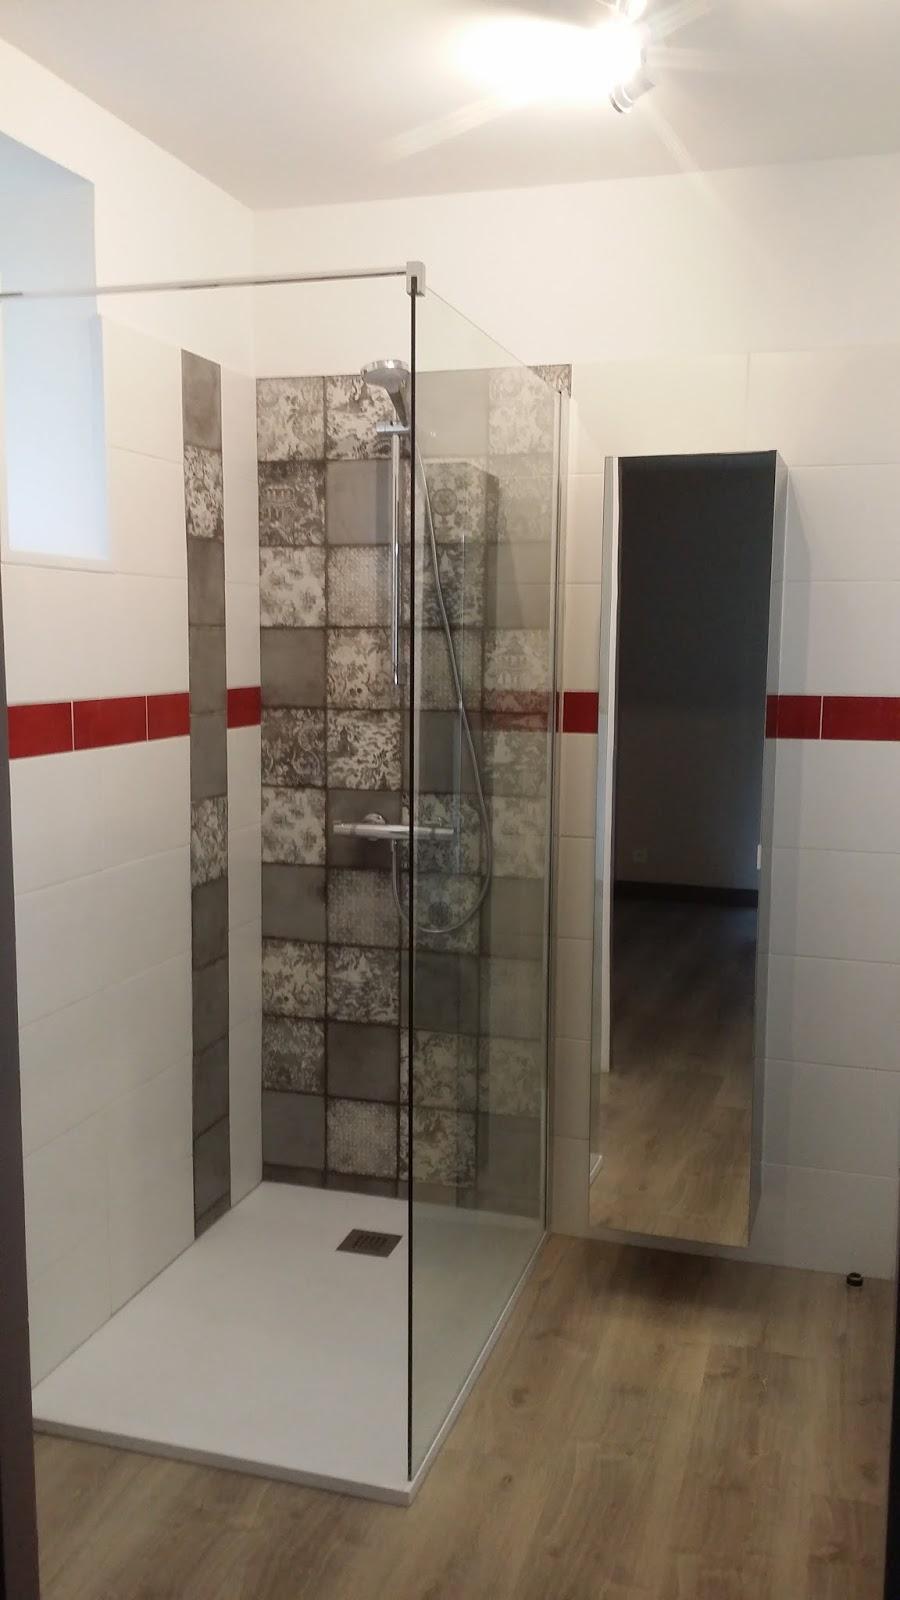 Salle D Eau Blanche Et Bois michel le coz agencement & décoration: salle d'eau blanche